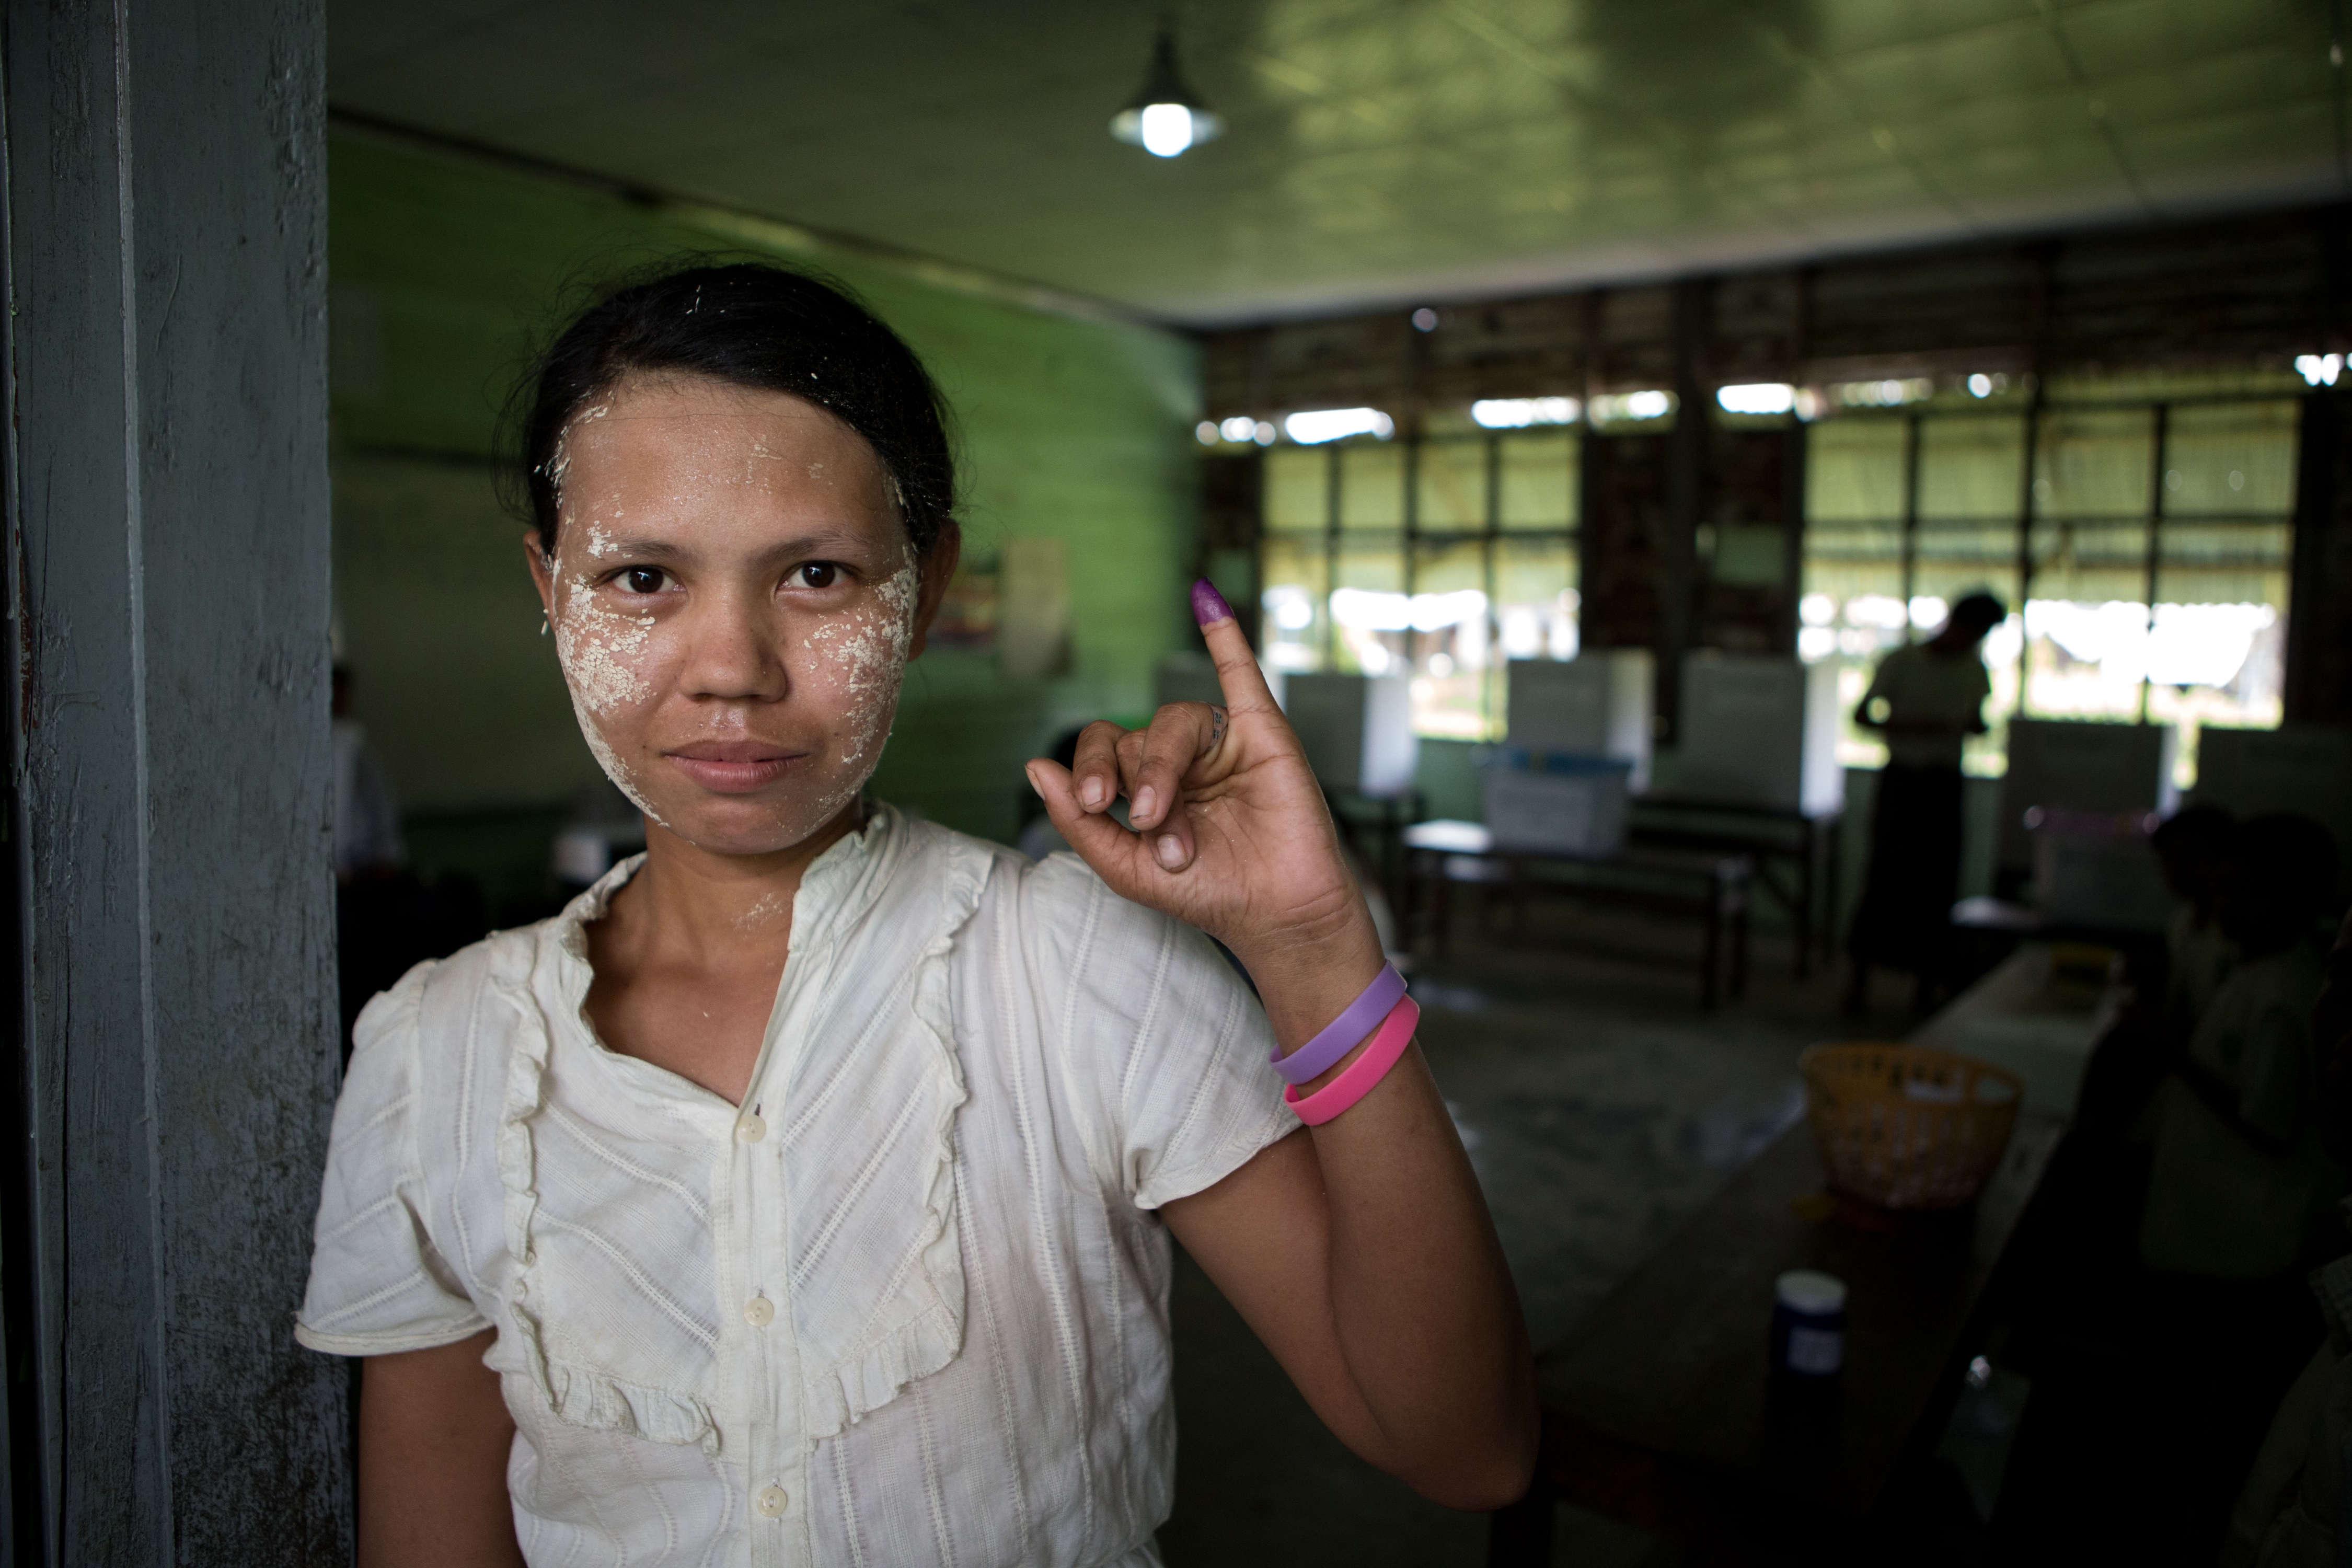 Les élections législatives du dimanche 8 novembre en Birmanie marquent le tournant démocratique pour le pays. Ici, une femme birmane présente son doigt marqué à l'encre pour attester qu'elle a voté, à Dala, en périphérie de Rangoun.